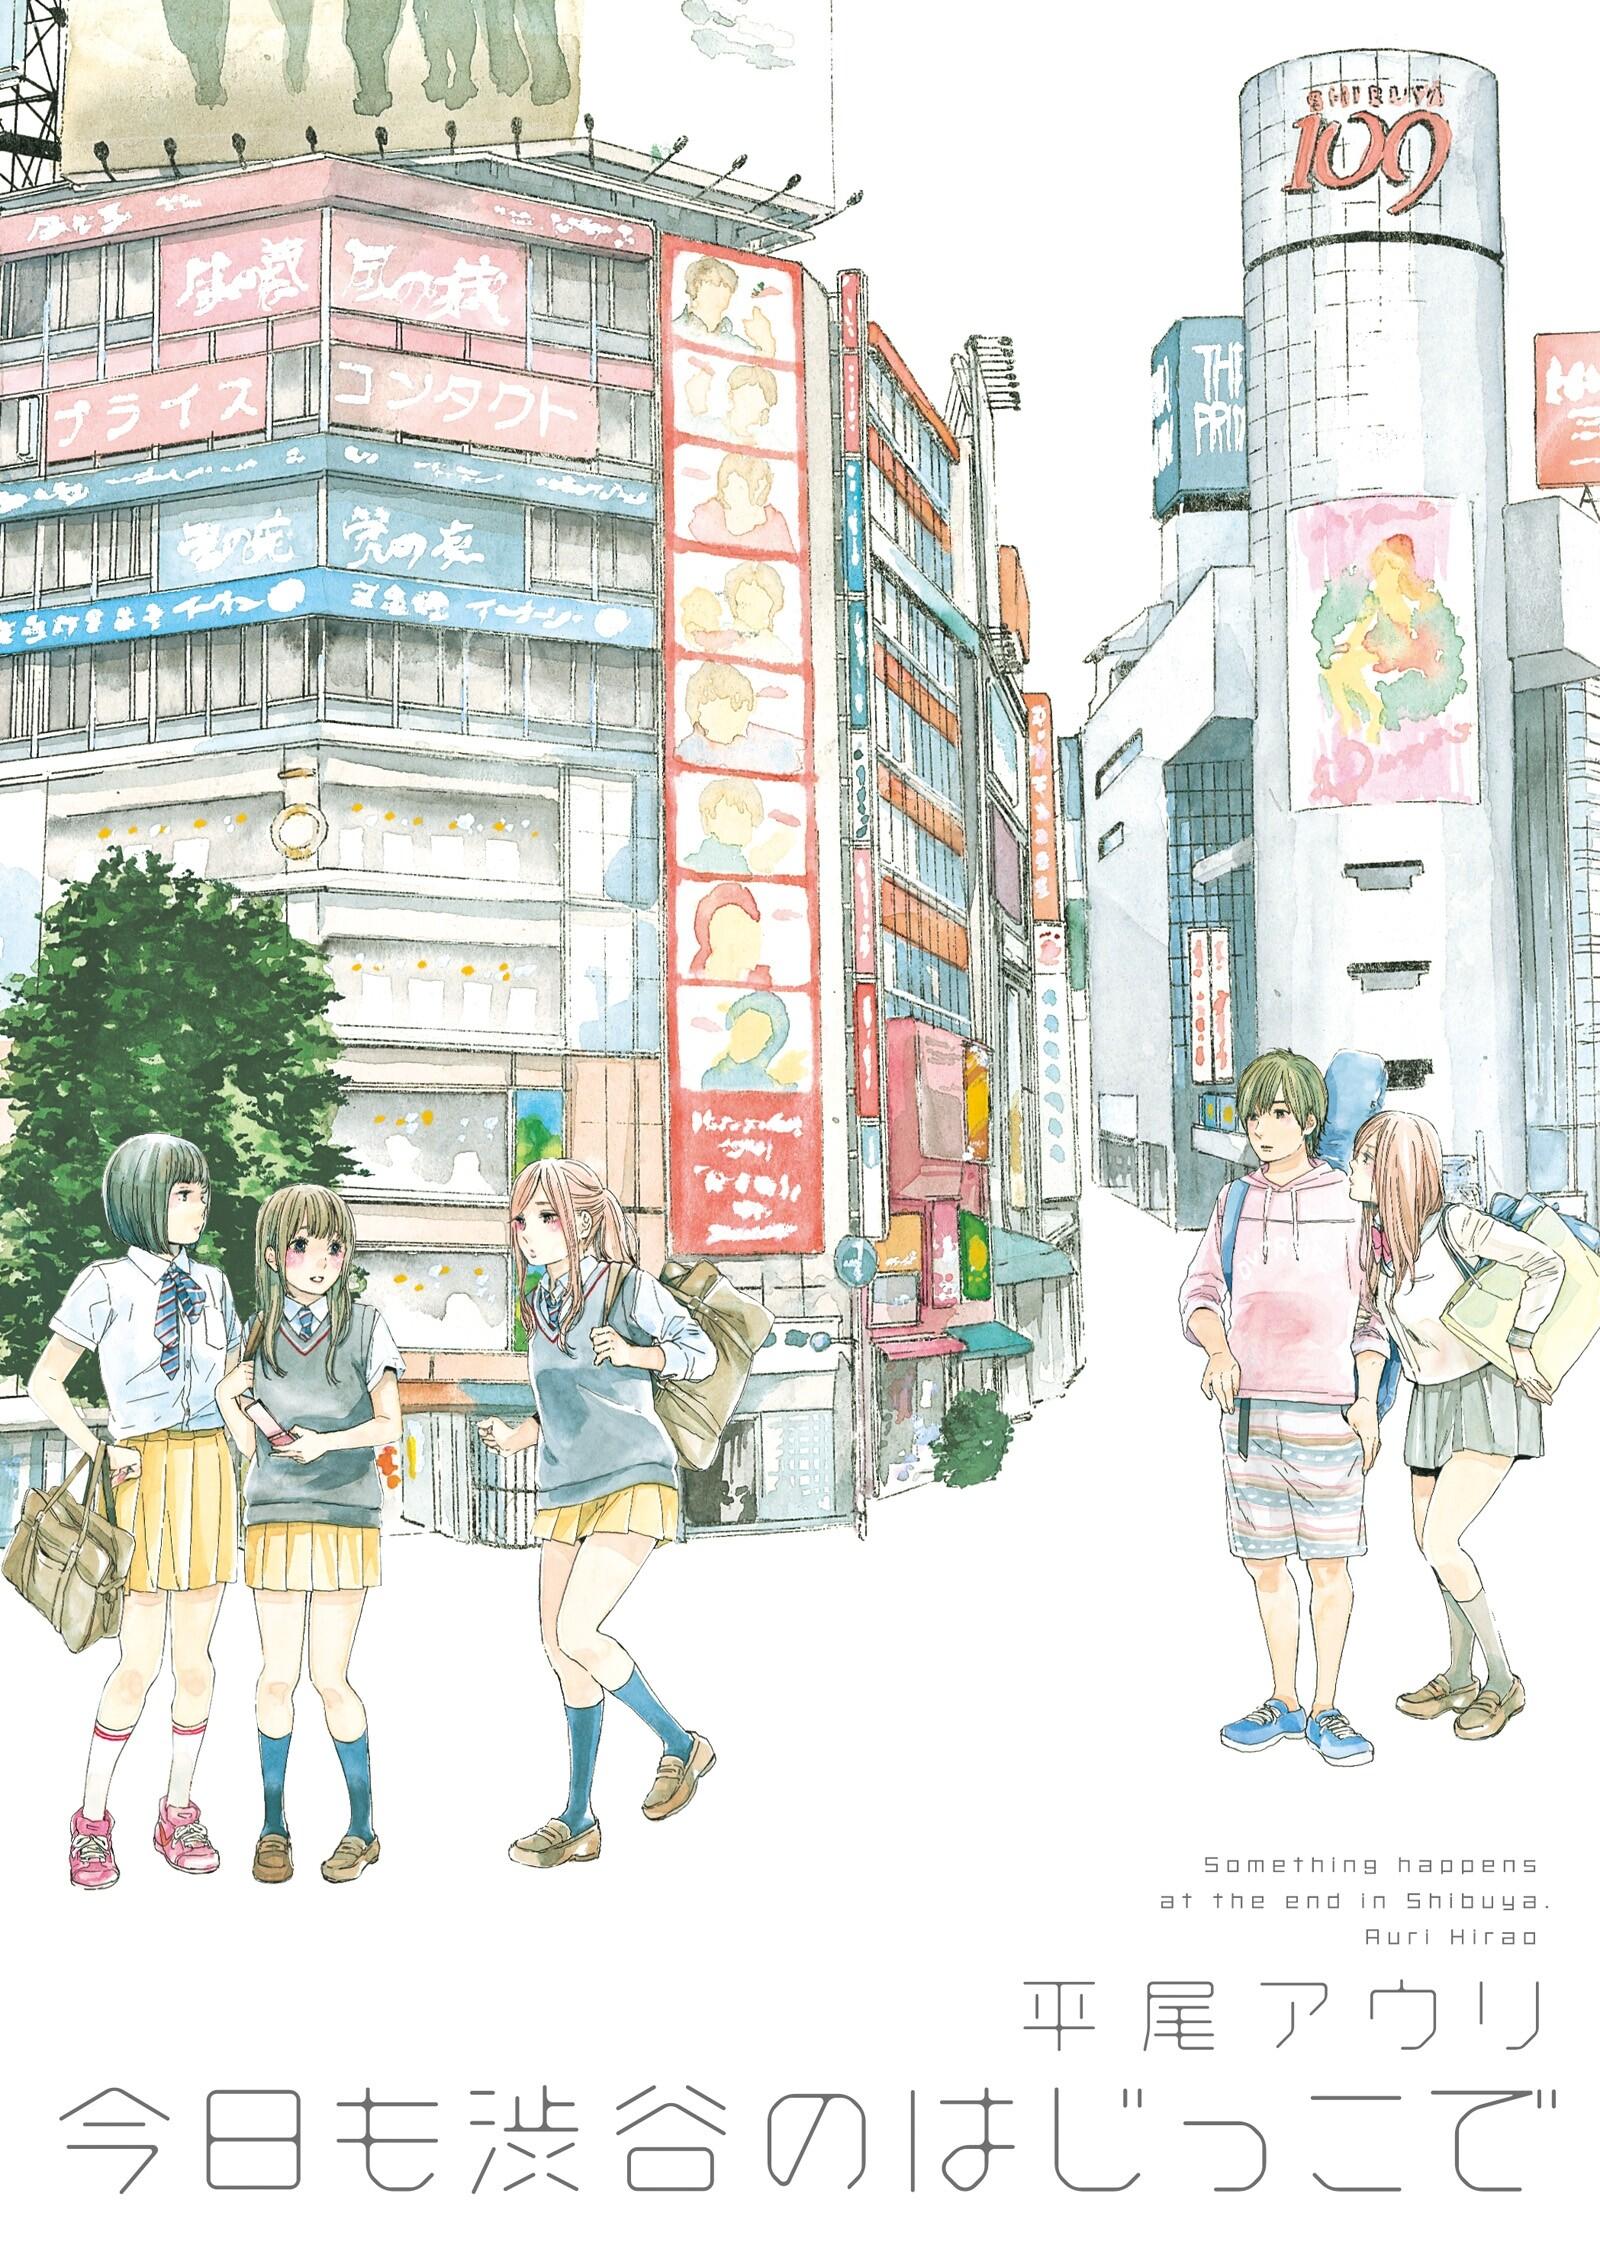 【期間限定 試し読み増量版 閲覧期限2019年3月28日】今日も渋谷のはじっこで